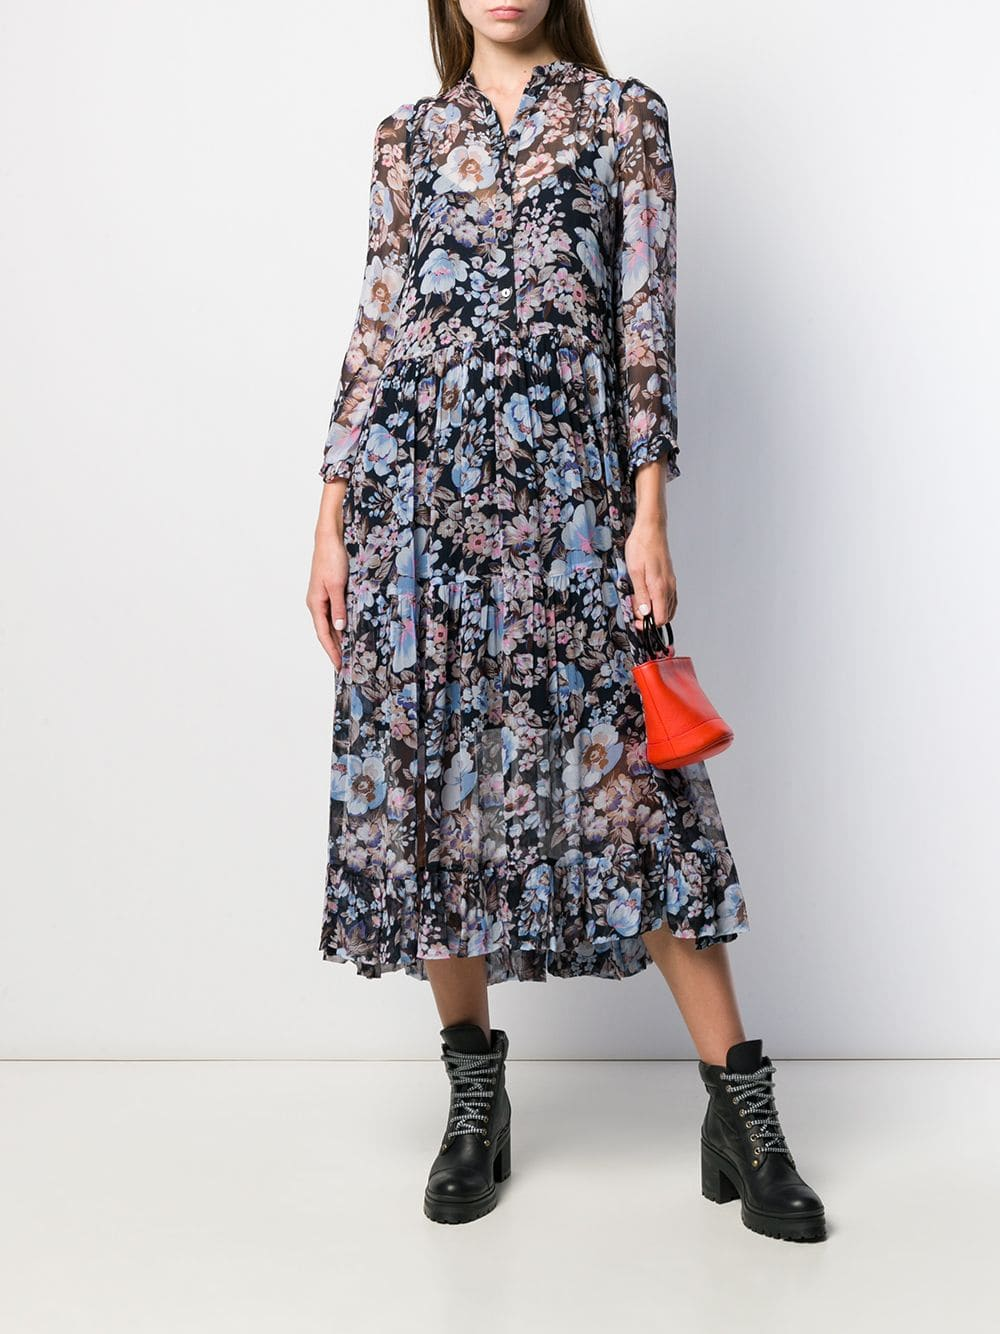 BAUM UND PFERDGARTEN Floral Print Dress